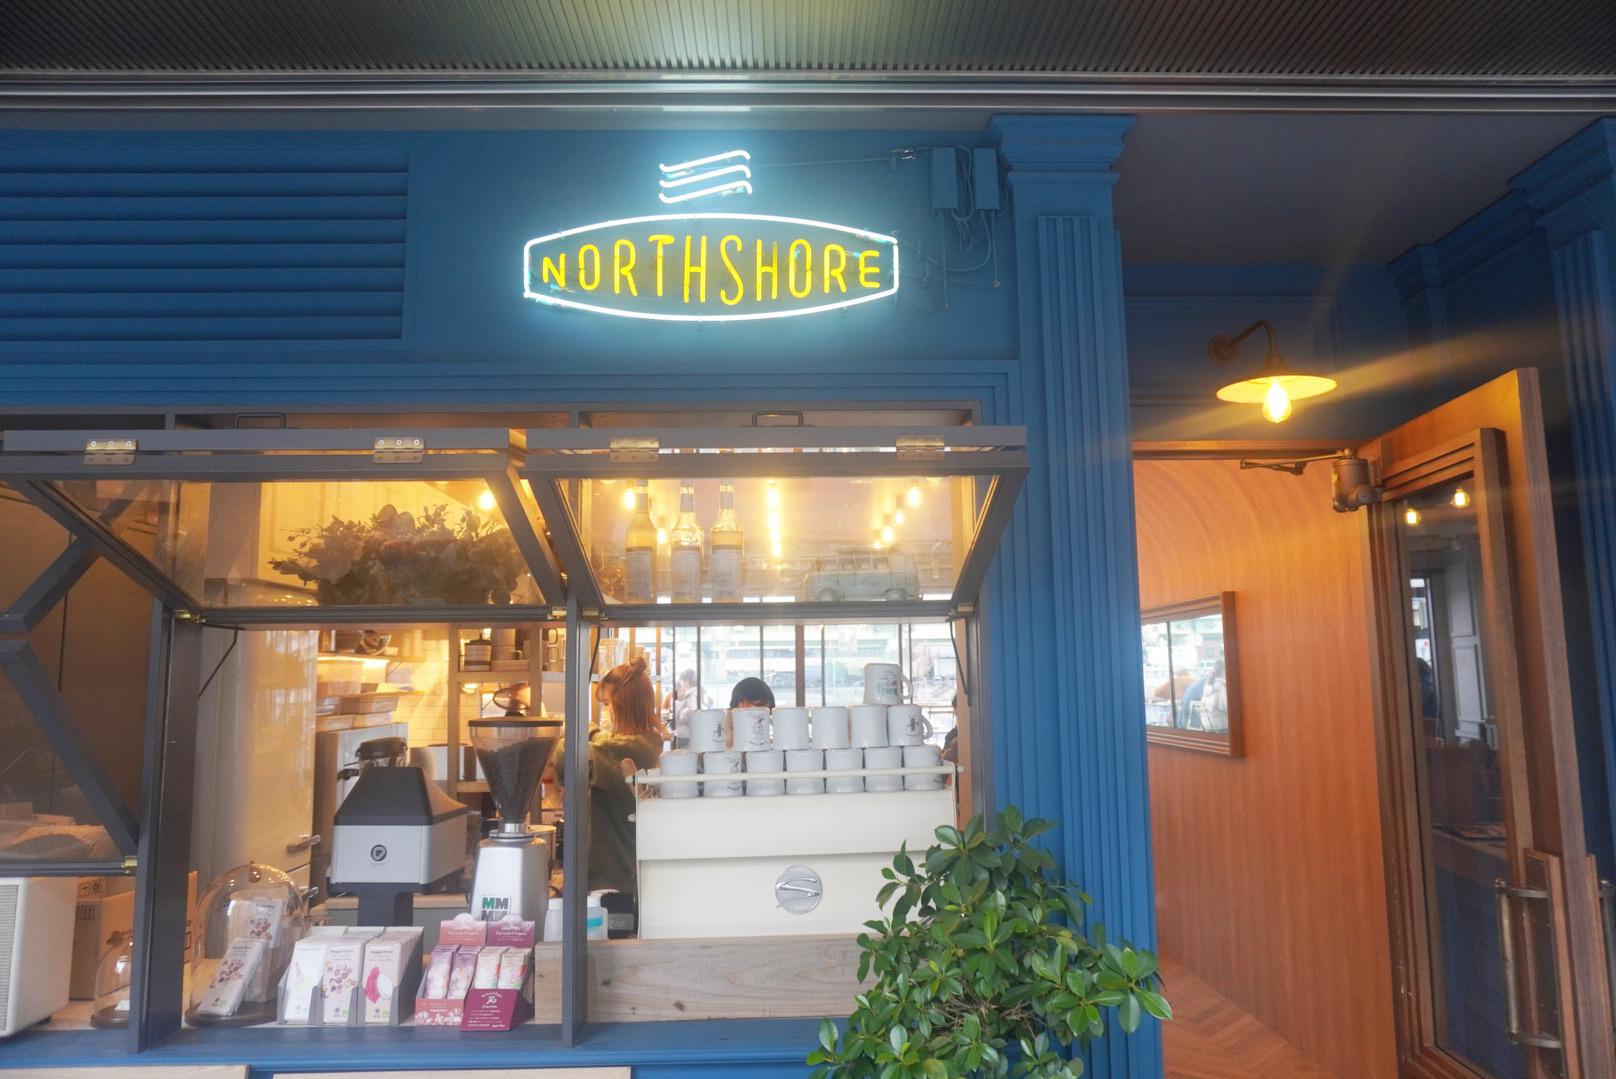 【おすすめいちごスイーツ】NORTHSHORE CAFE&DINING北浜でいちごのパンケーキ❤︎_1